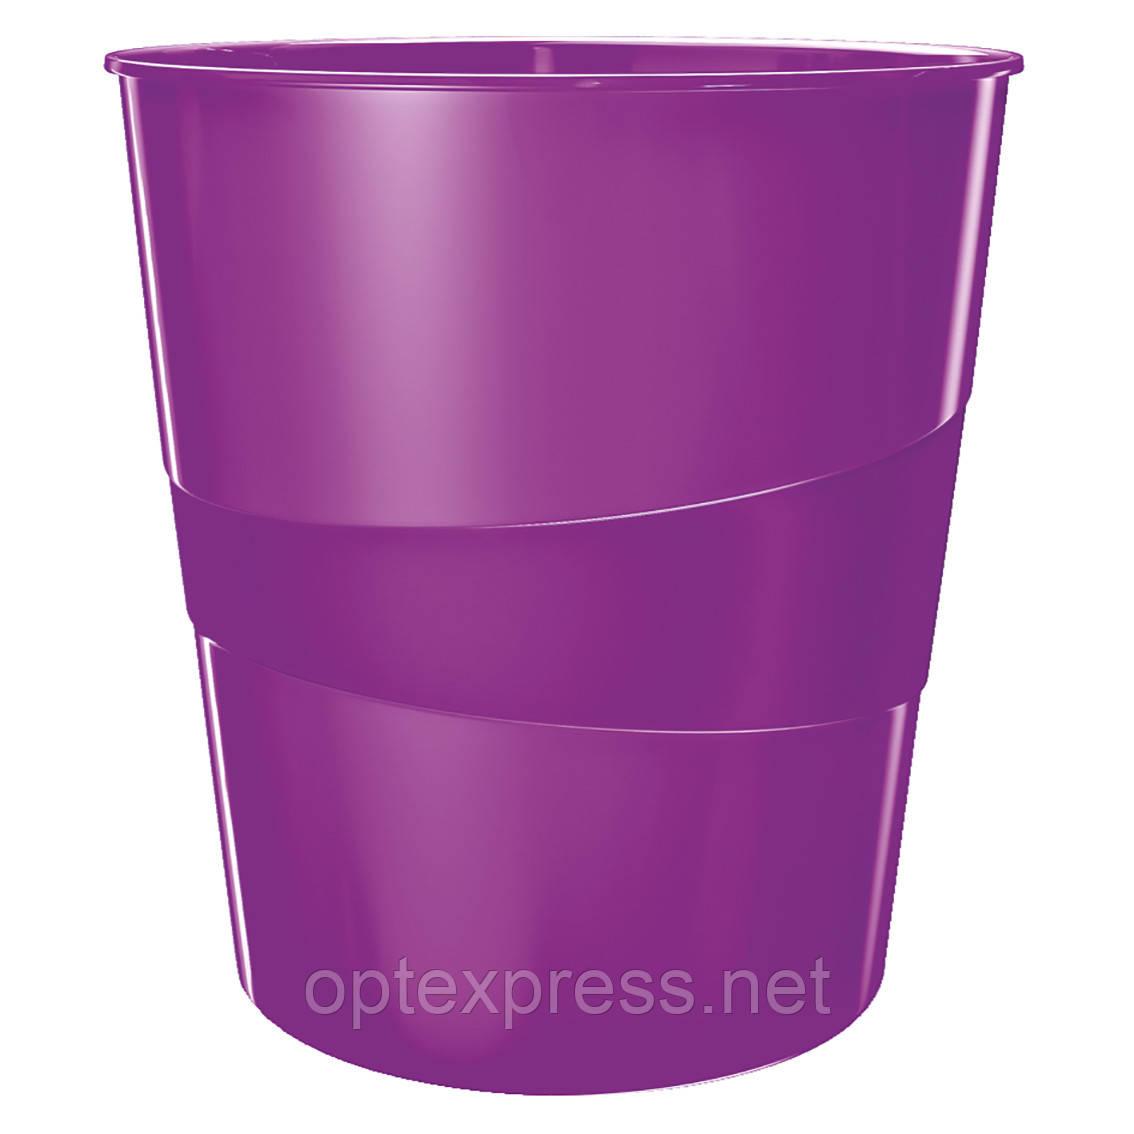 Кошик для сміття Leitz WOW. Фіолетова